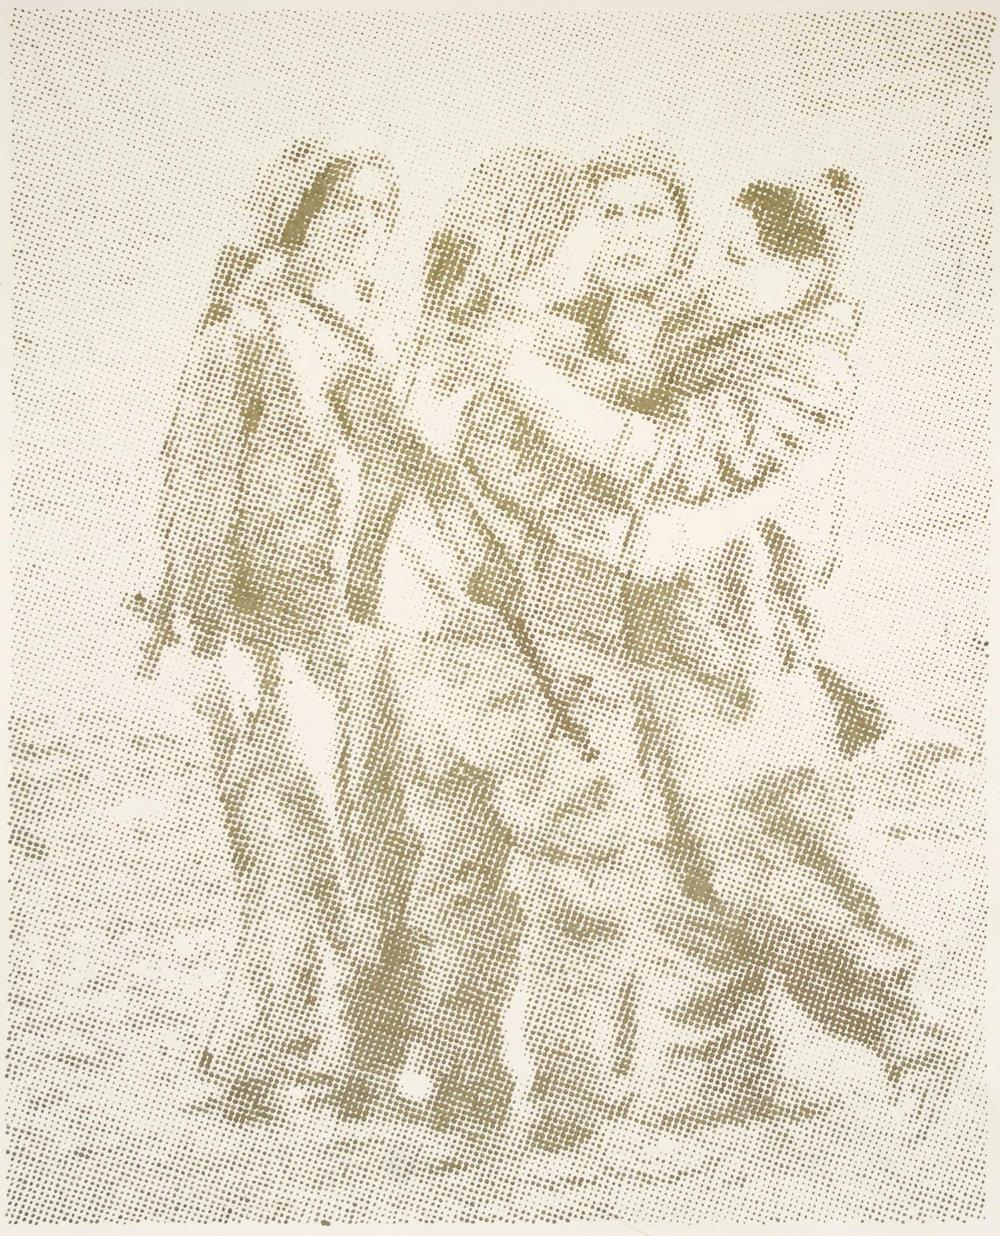 Kurdish greeting